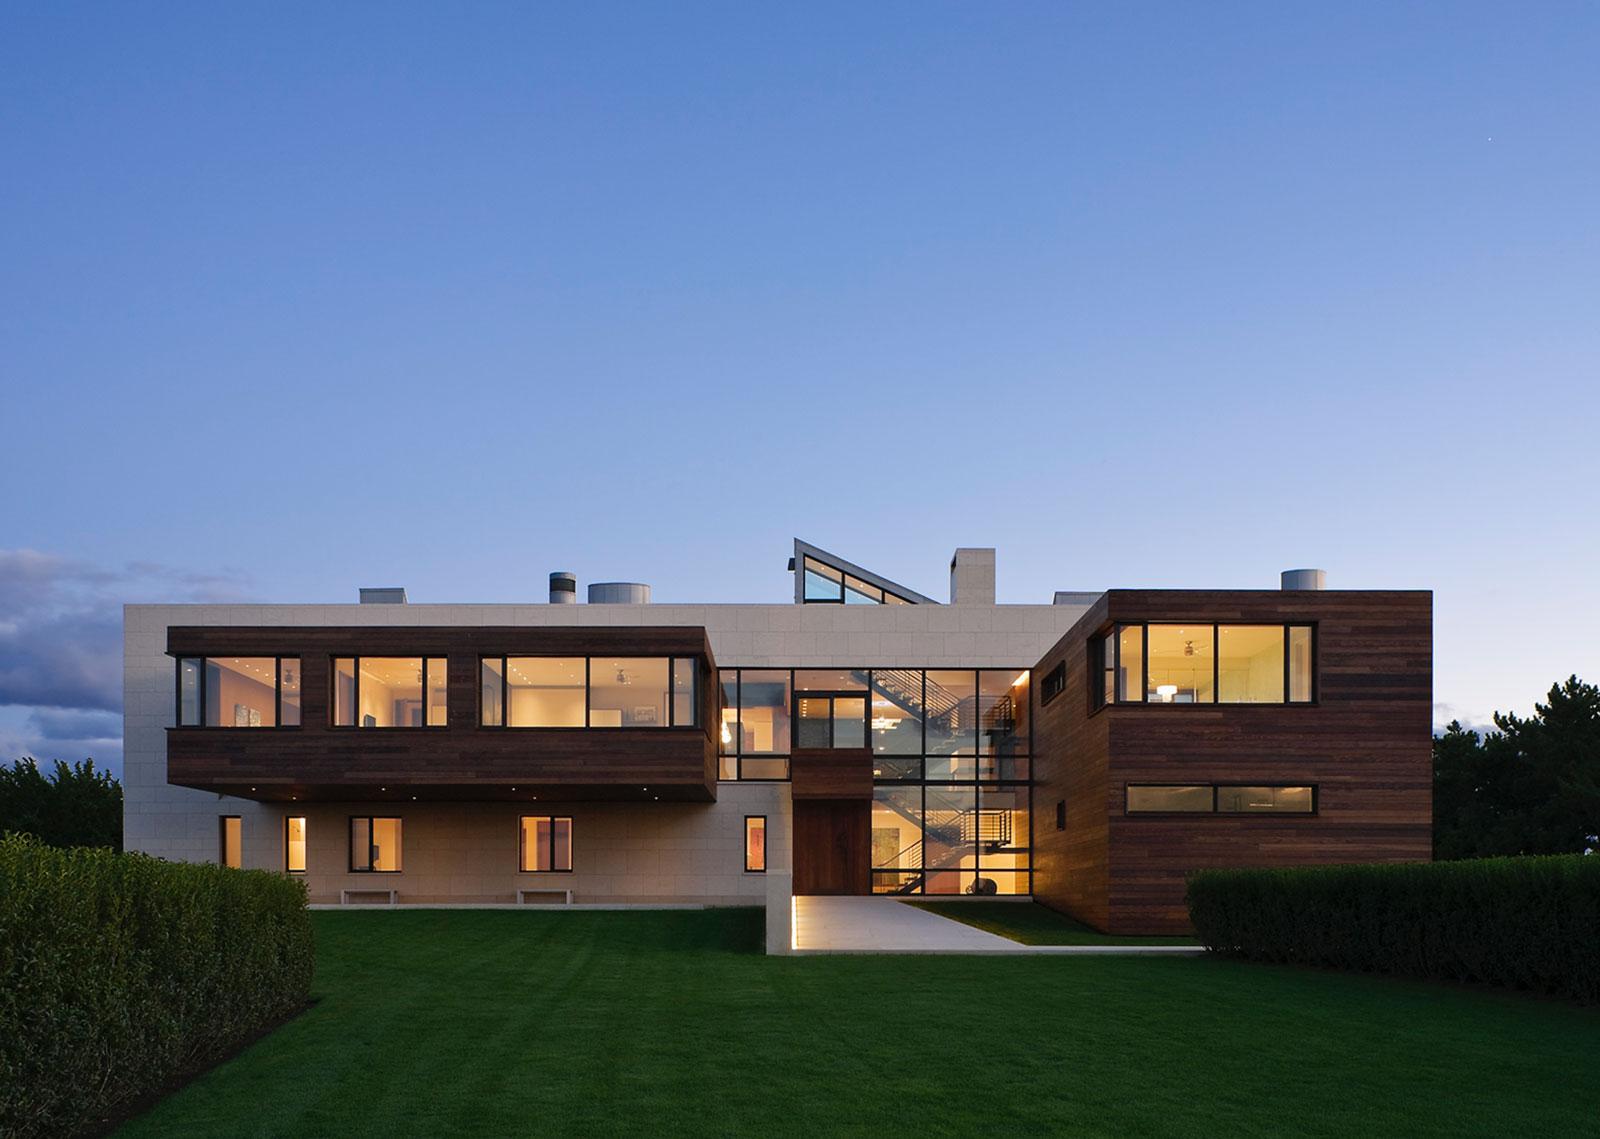 Alexander Gorlin Architects' Southampton beach house (2006-2009), Southampton, New York